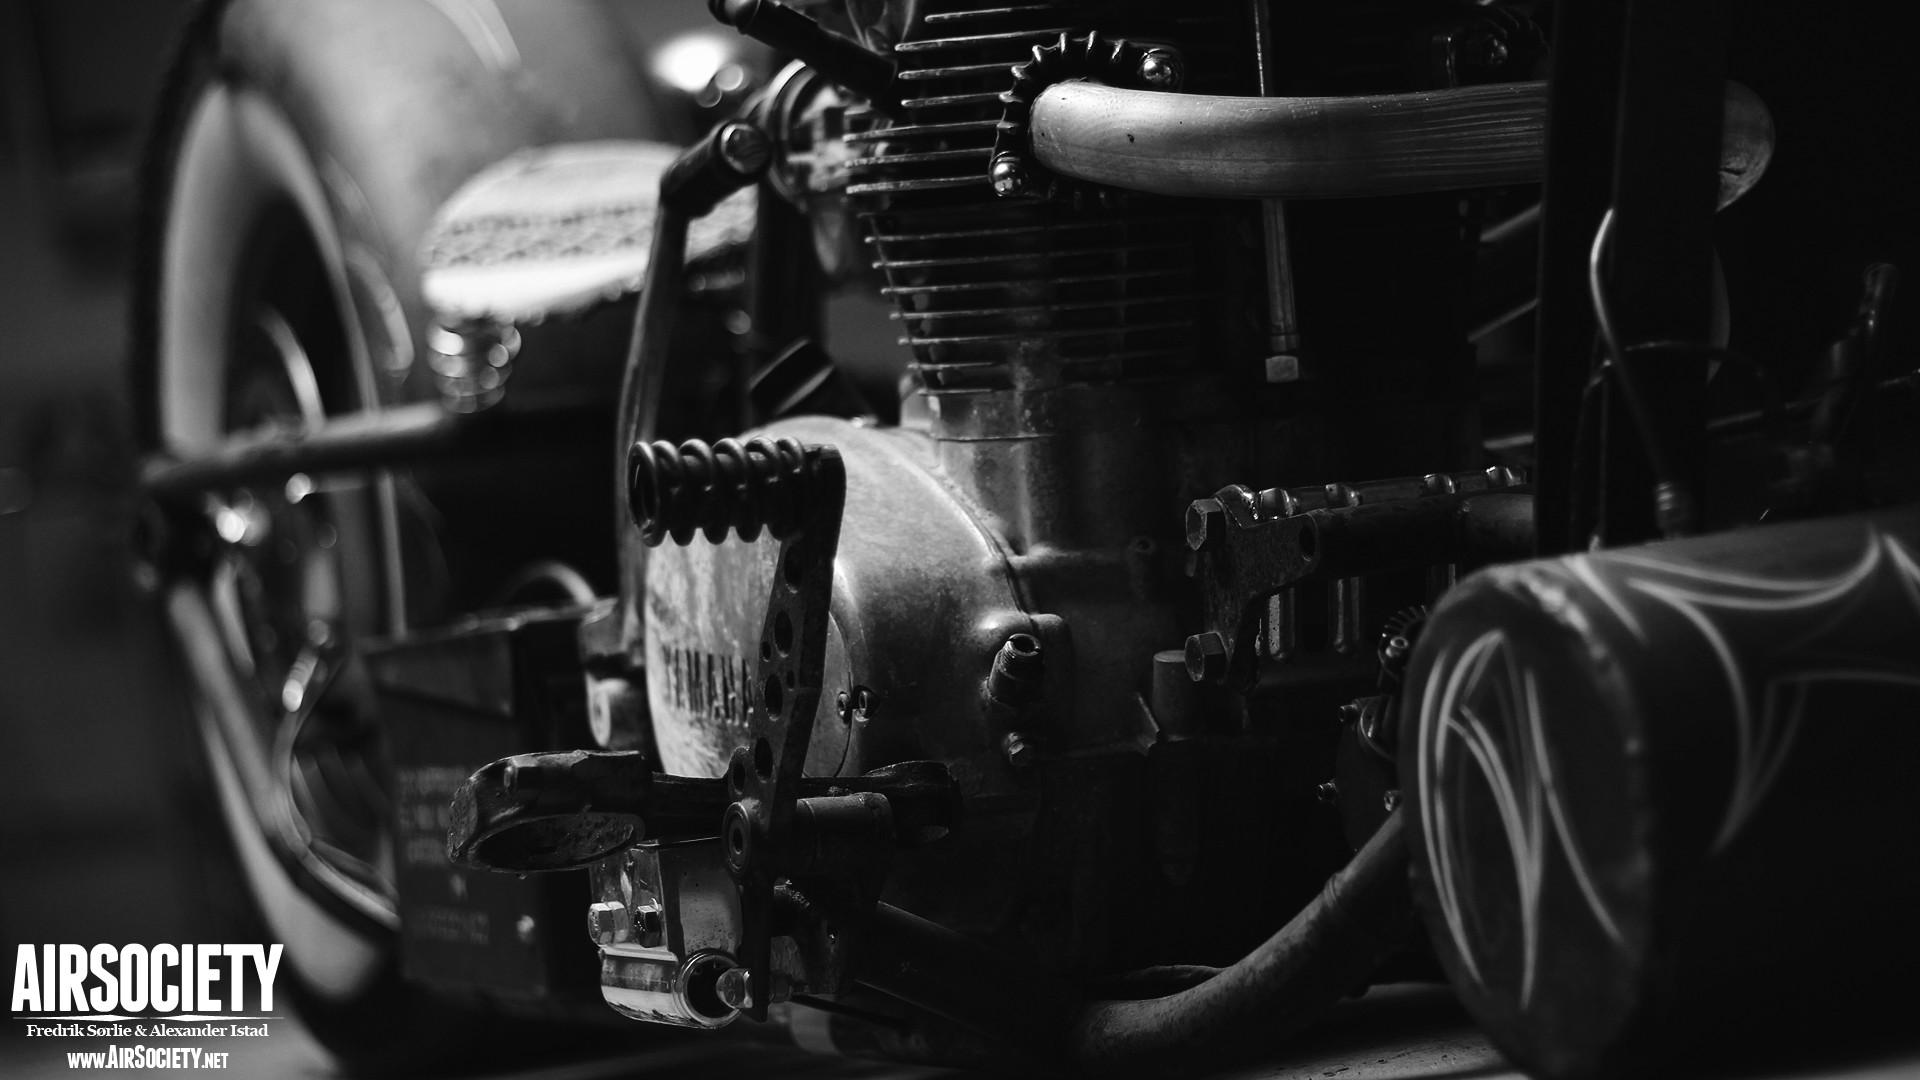 234 best Xs650 images on Pinterest   Bobber chopper, Custom motorcycles and  Custom bikes